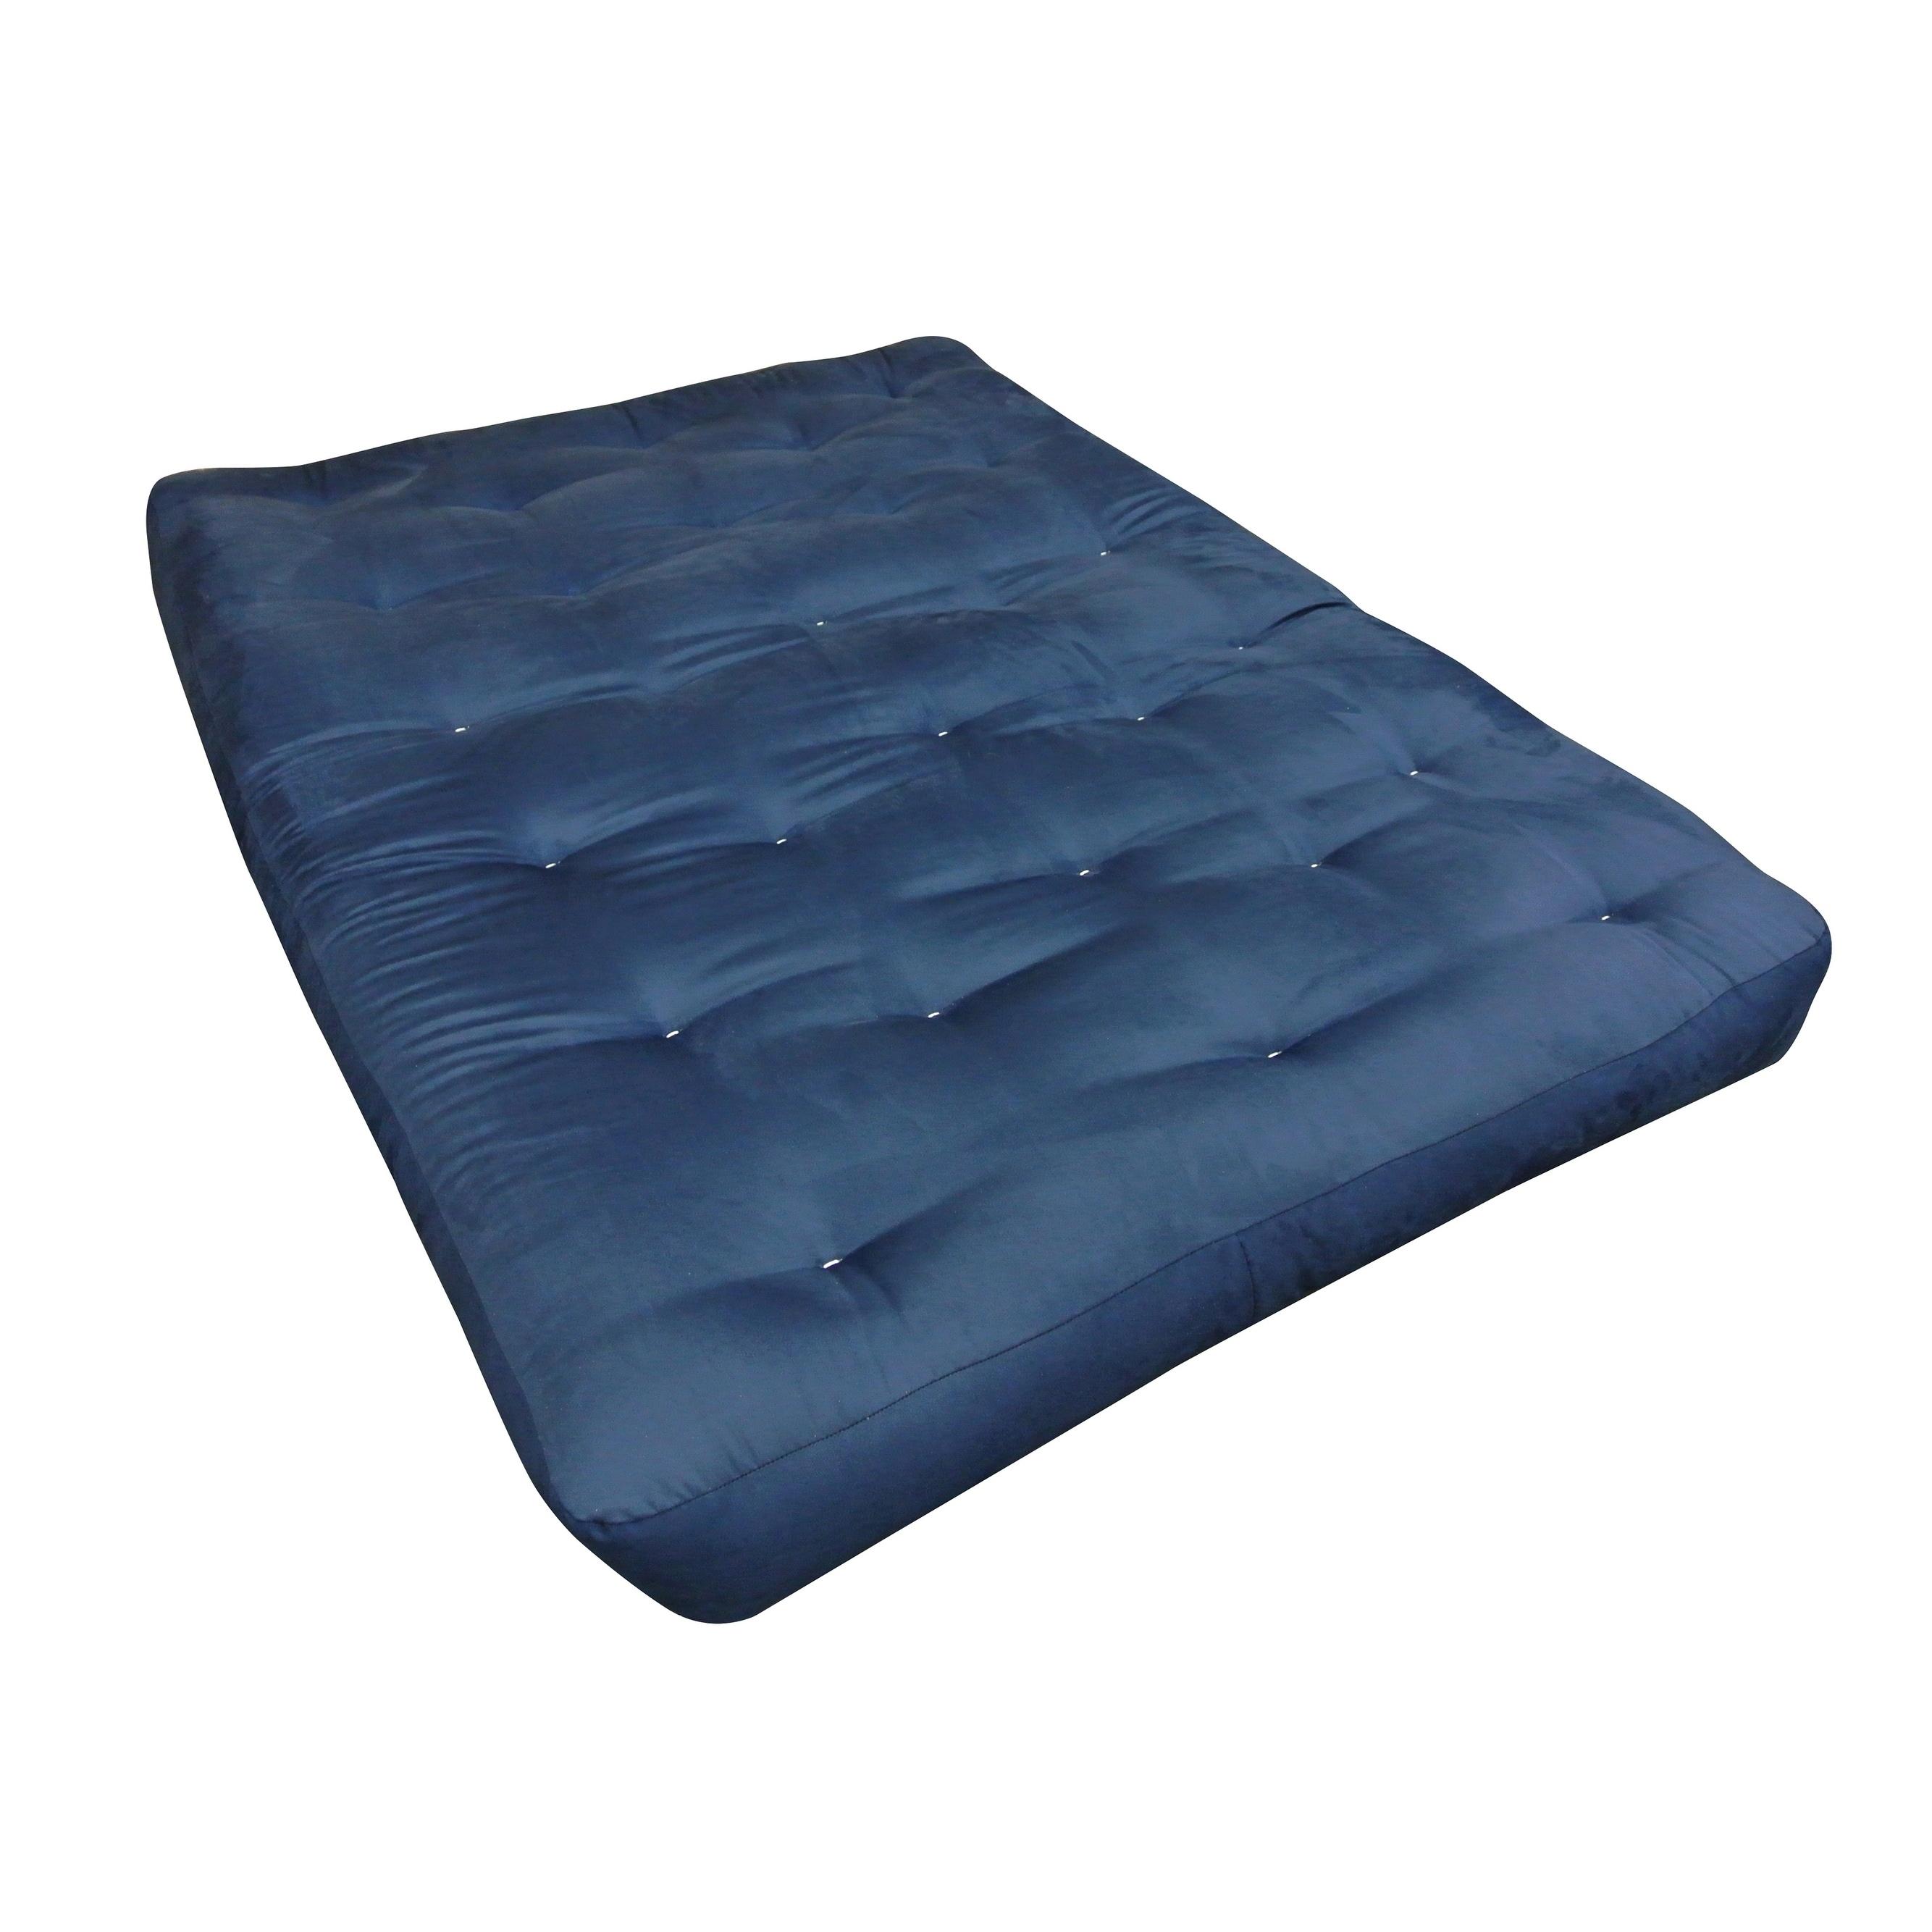 Cotton futon mattress king Furniture